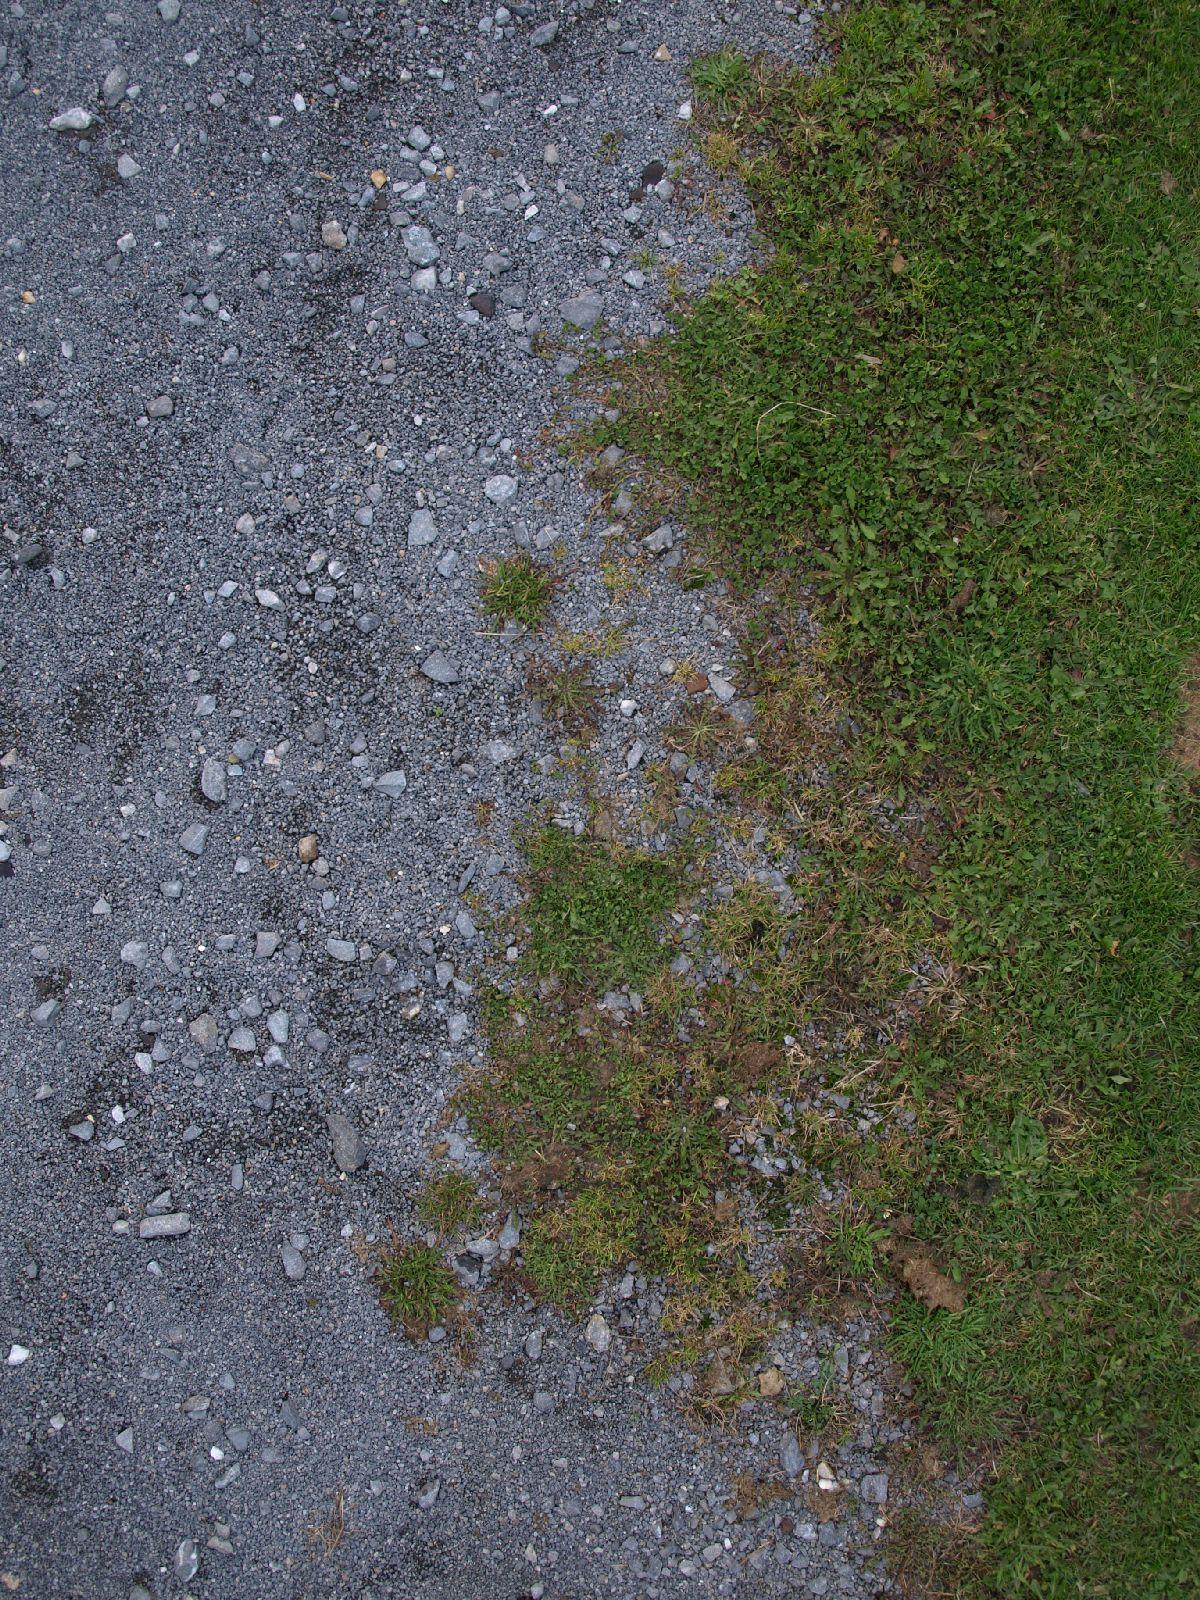 Boden-Gras-Moos-Blumen_Textur_A_PA045779